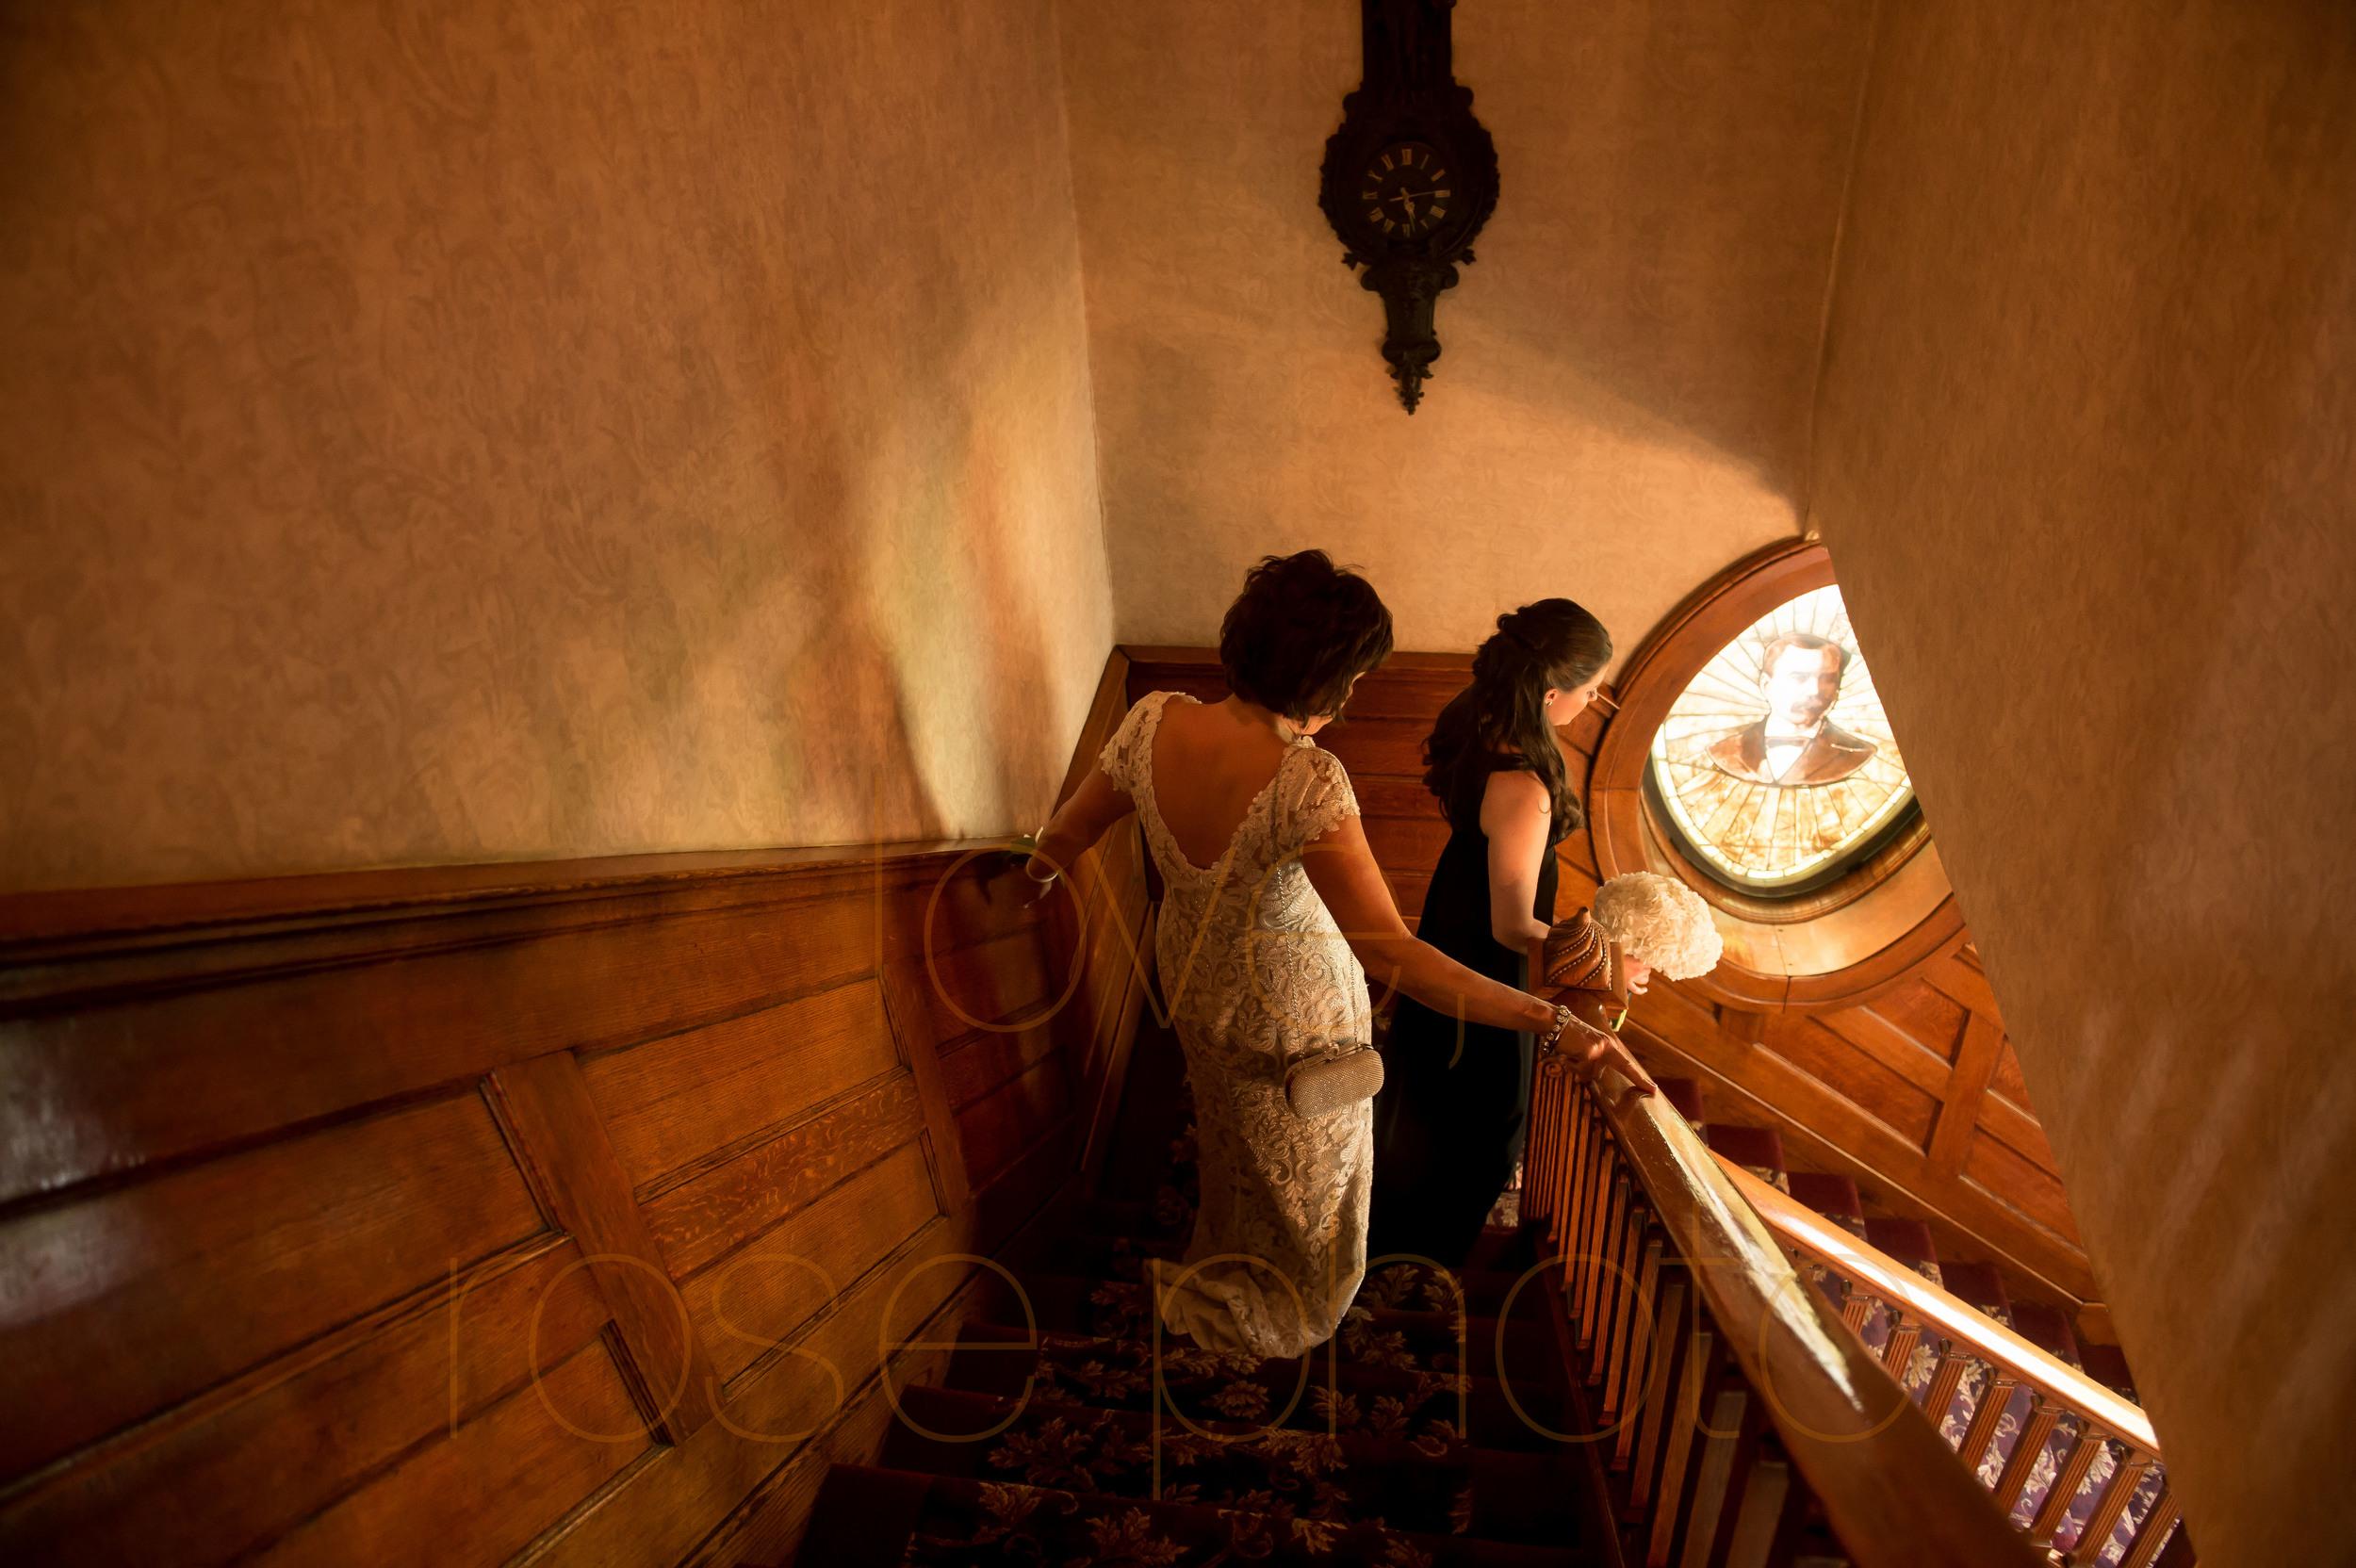 ellen + bryan chicago wedding joliet james healy mansion portrait lifestyle photojournalist photographer -013.jpg